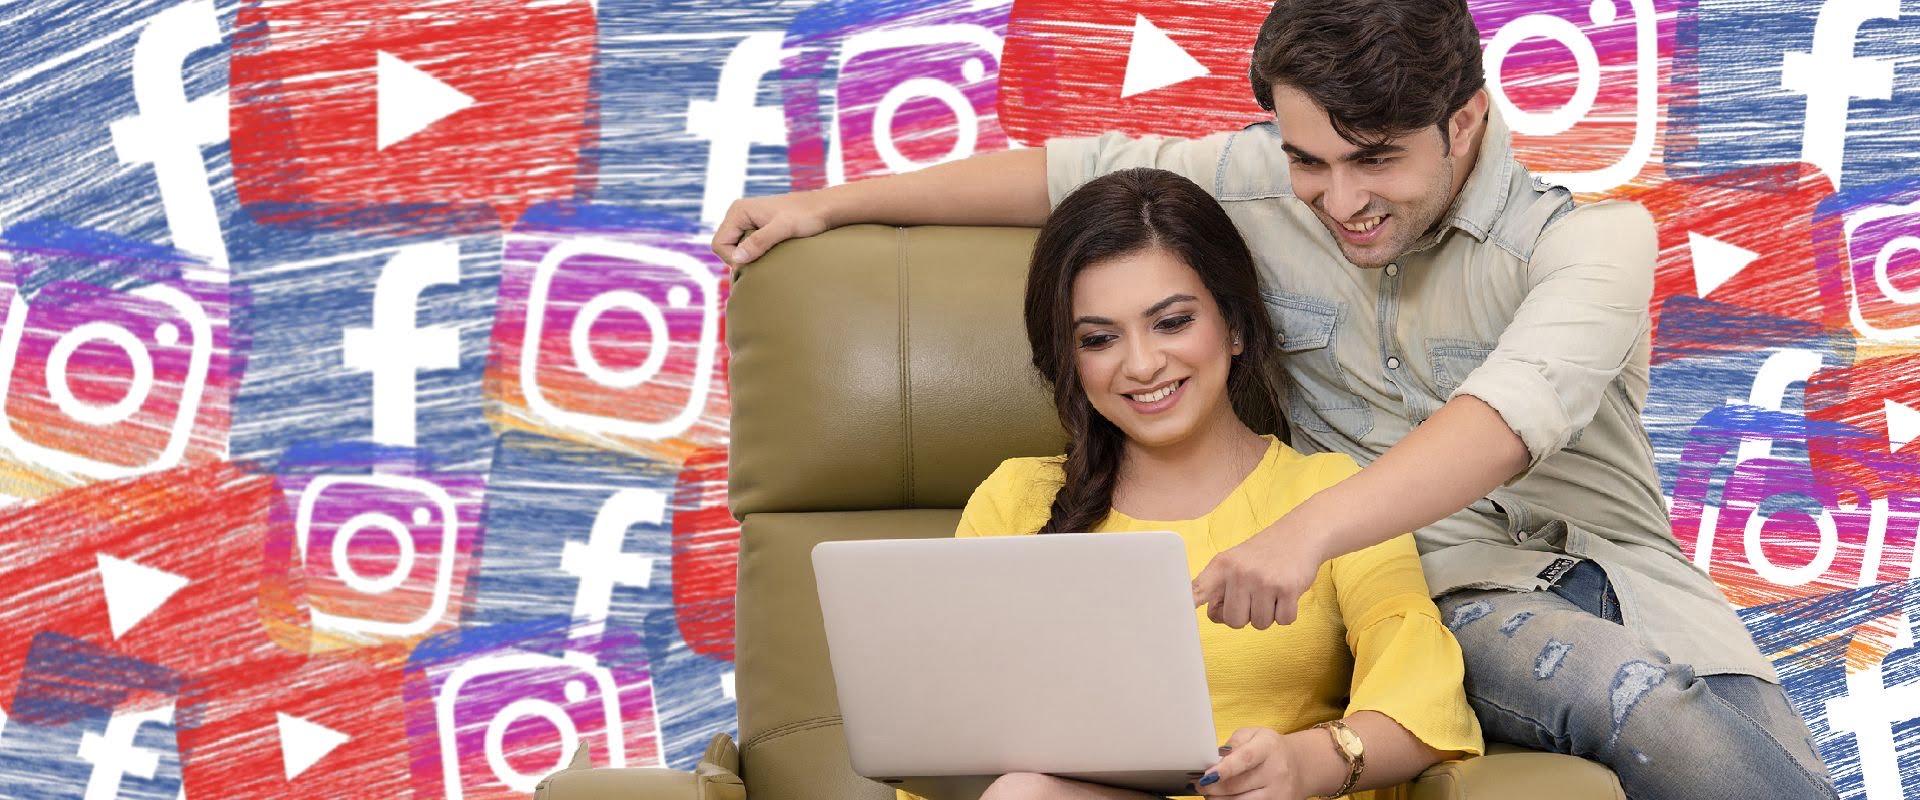 Gli italiani ed i Social Network: i dati del 2019/2020